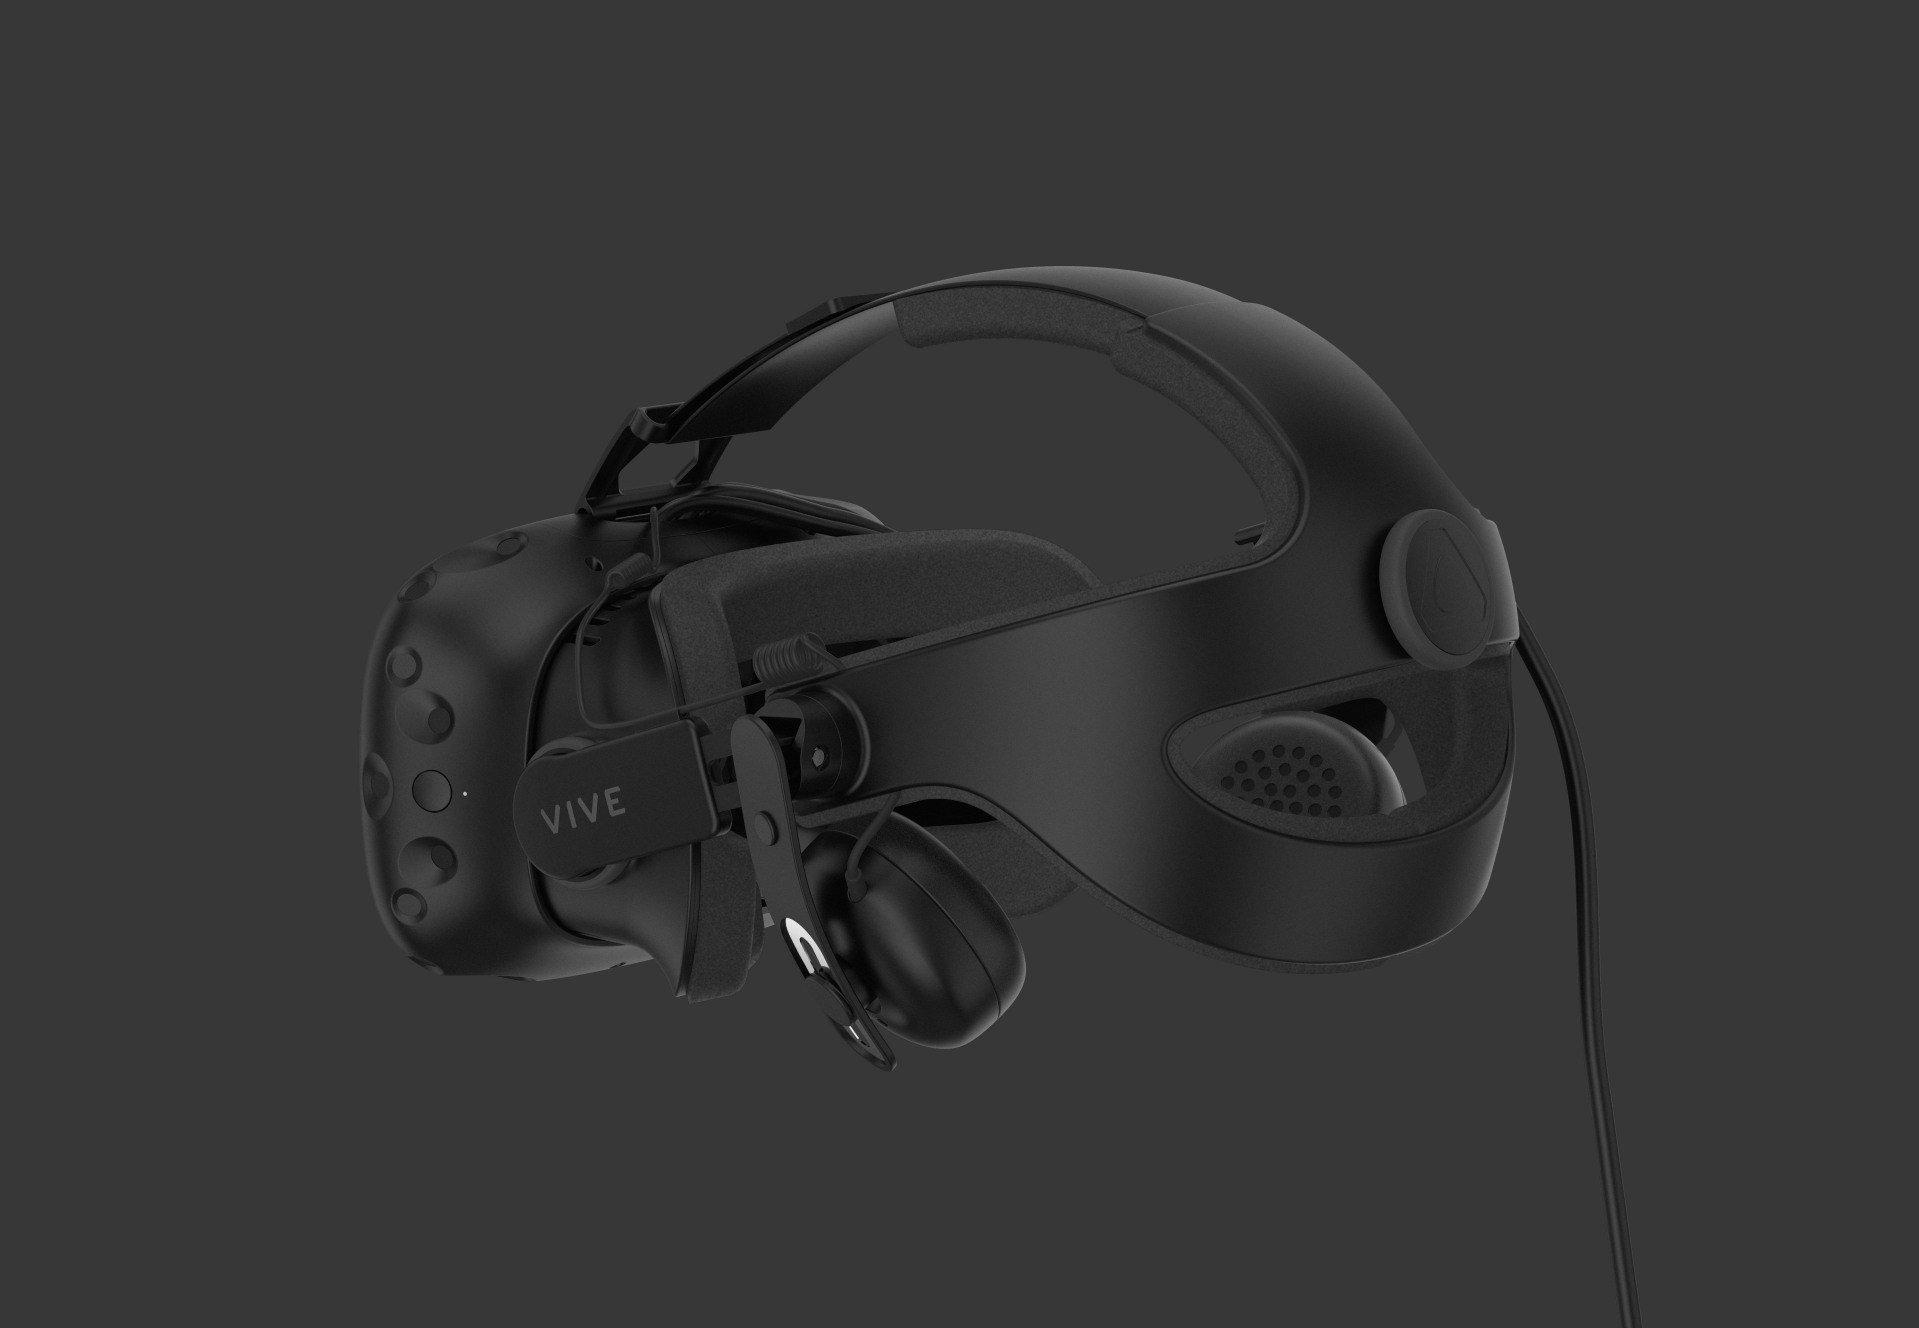 16d470053 Vive ale predstavilo nové audio príslušenstvo pre svoj headset. Deluxe  Audio Strap je priamo určený pre pripojenie k VR headsetu.